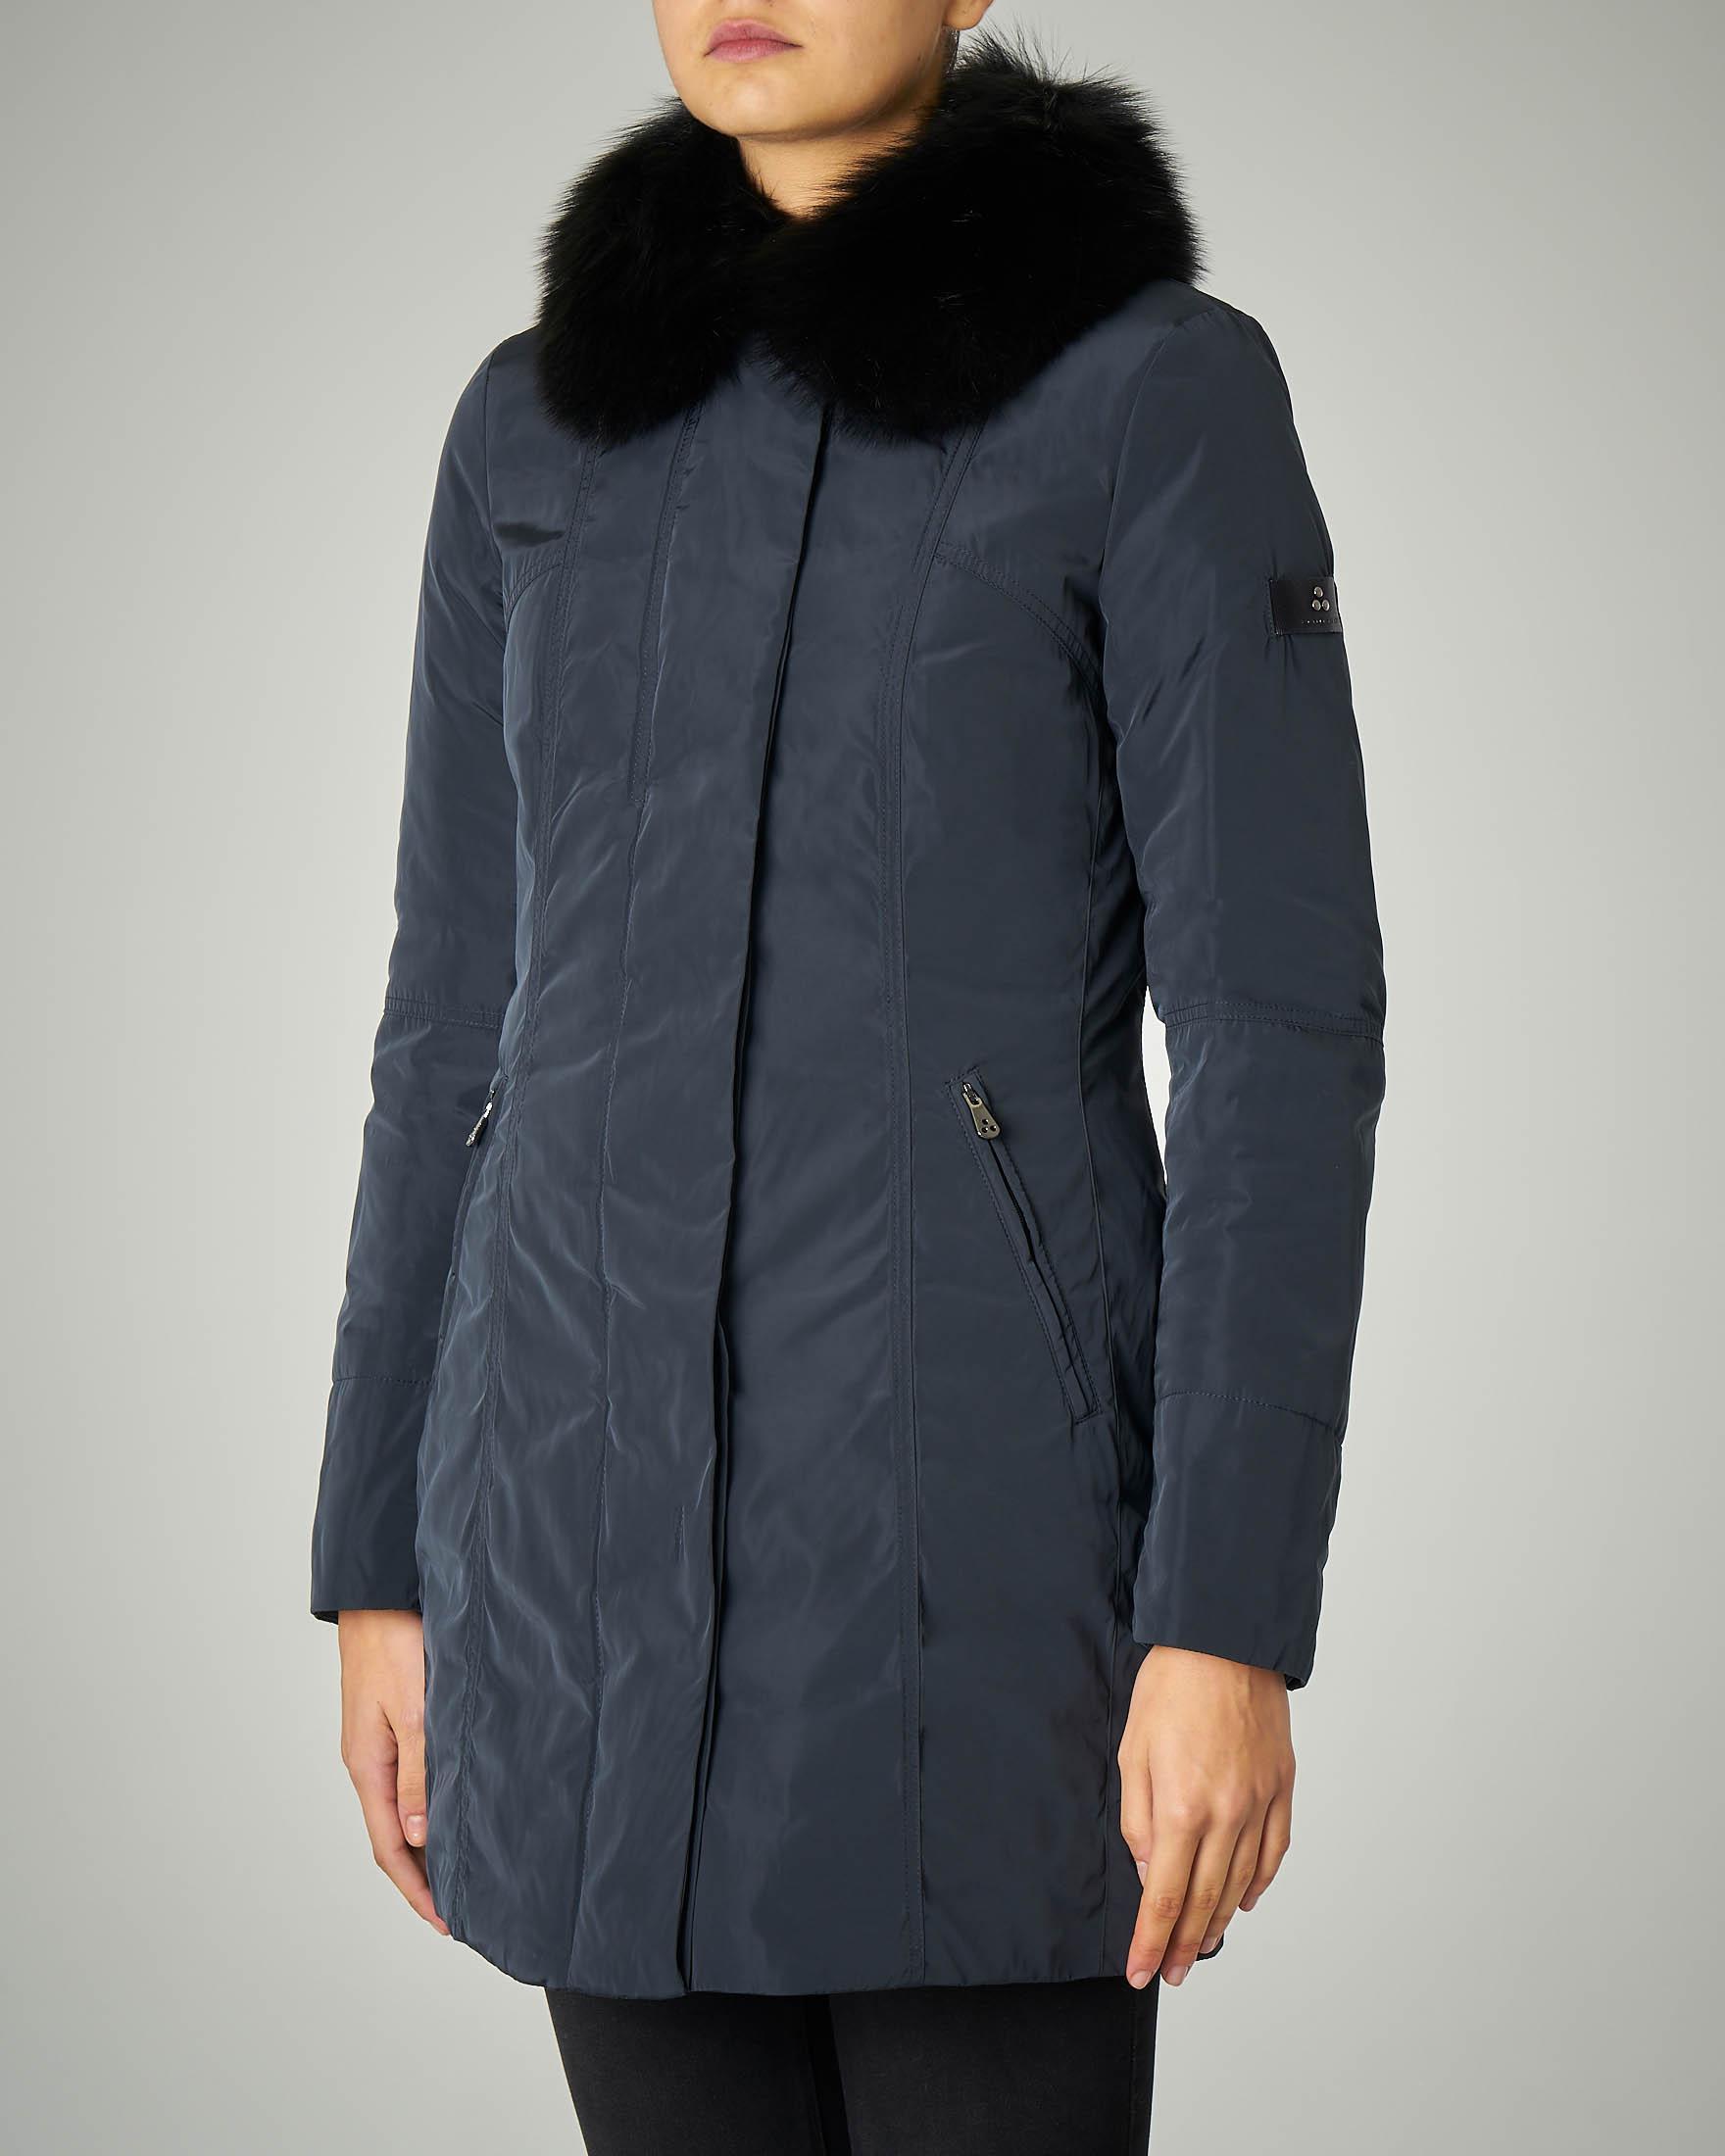 Giacca lunga blu con colletto di pelliccia di volpe